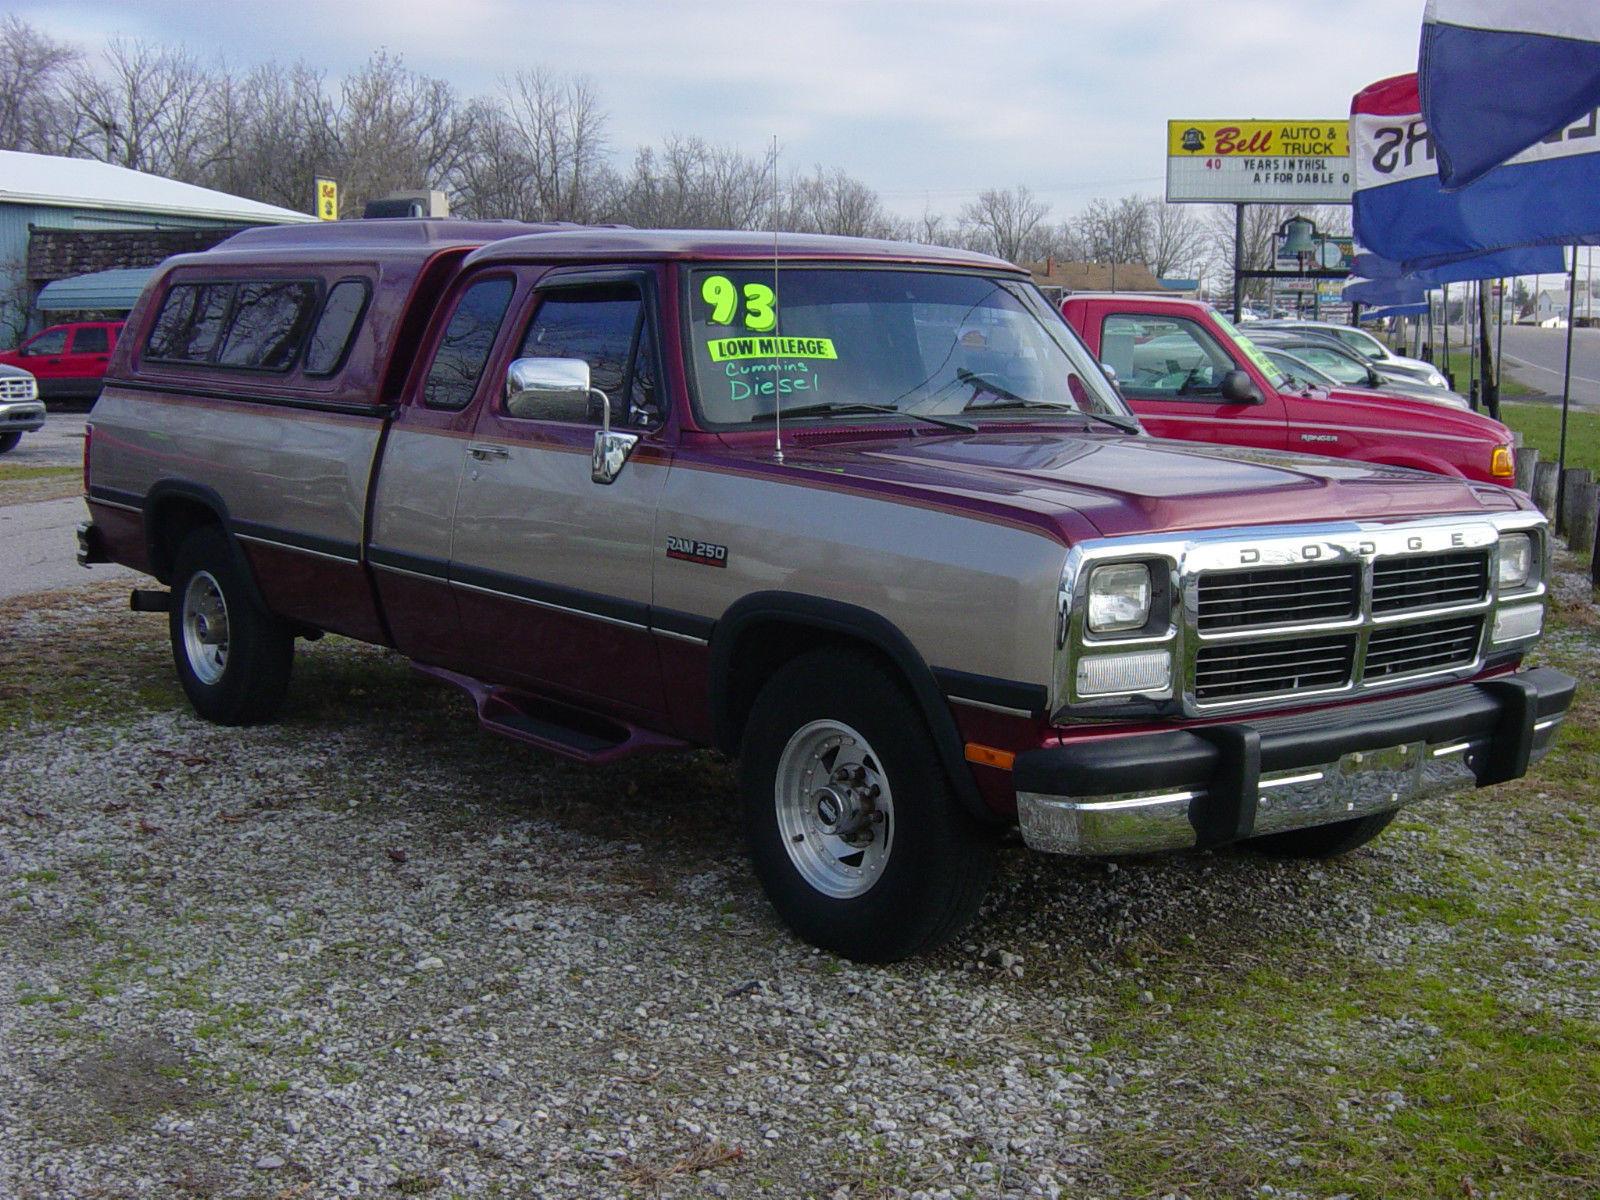 1993 dodge 2500 slt extended cab cummins turbo diesel low. Black Bedroom Furniture Sets. Home Design Ideas